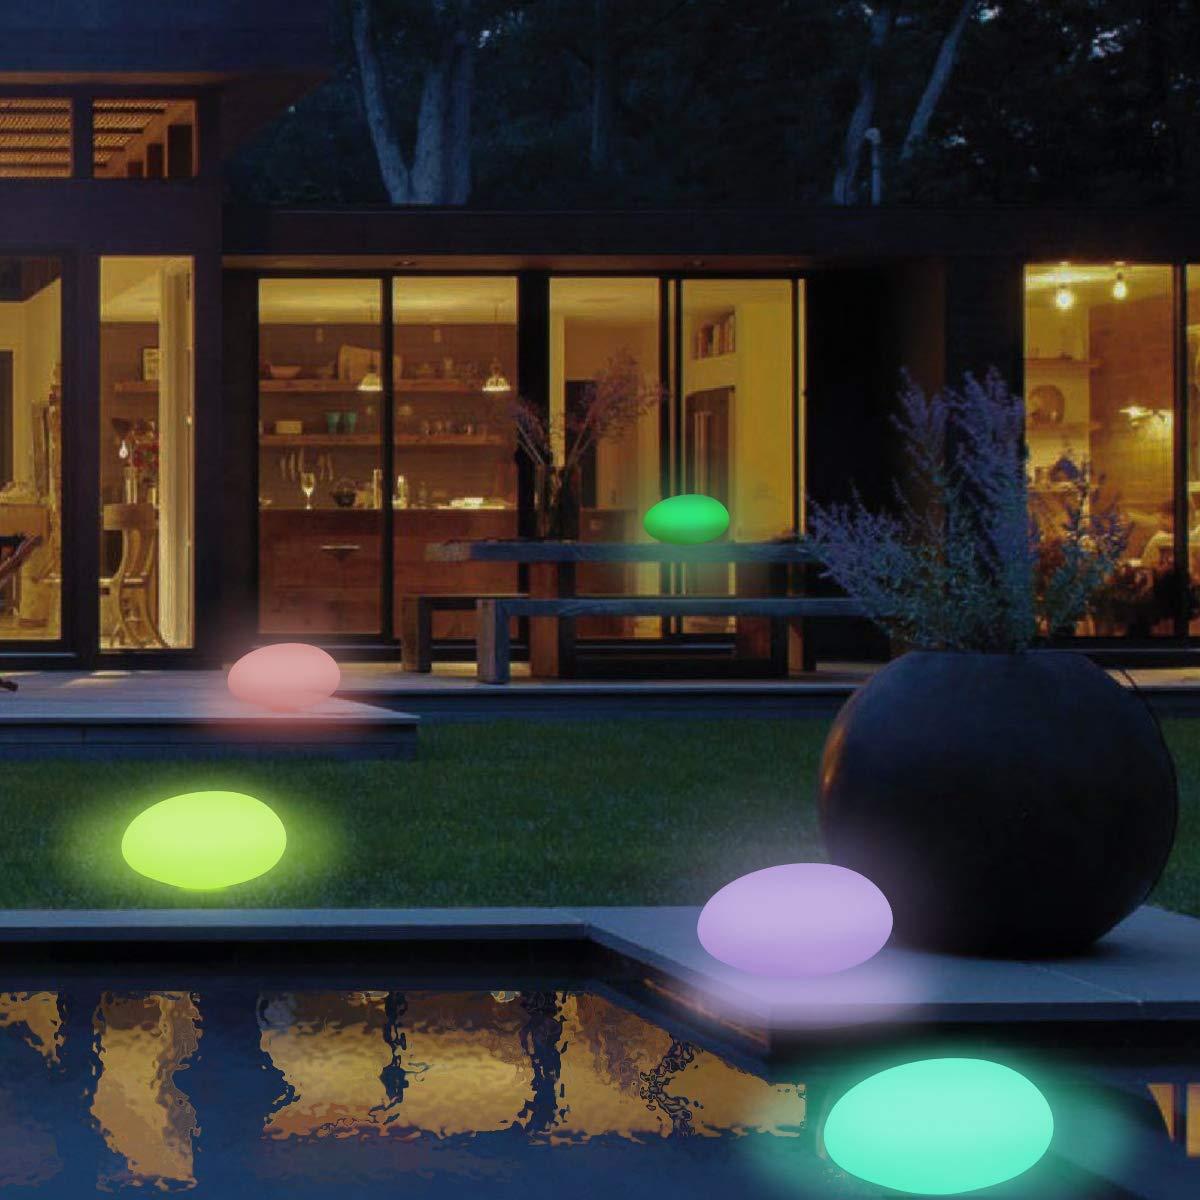 Solarlampen für Außen, TEQStone Solarleuchte Garten mit 16 einstellbaren Farben, gepflasterte Gartendekor LED Solarleuchten für Rasen, Garten, Schwimmbad, Blumenbeet etc, wasserdicht IP67